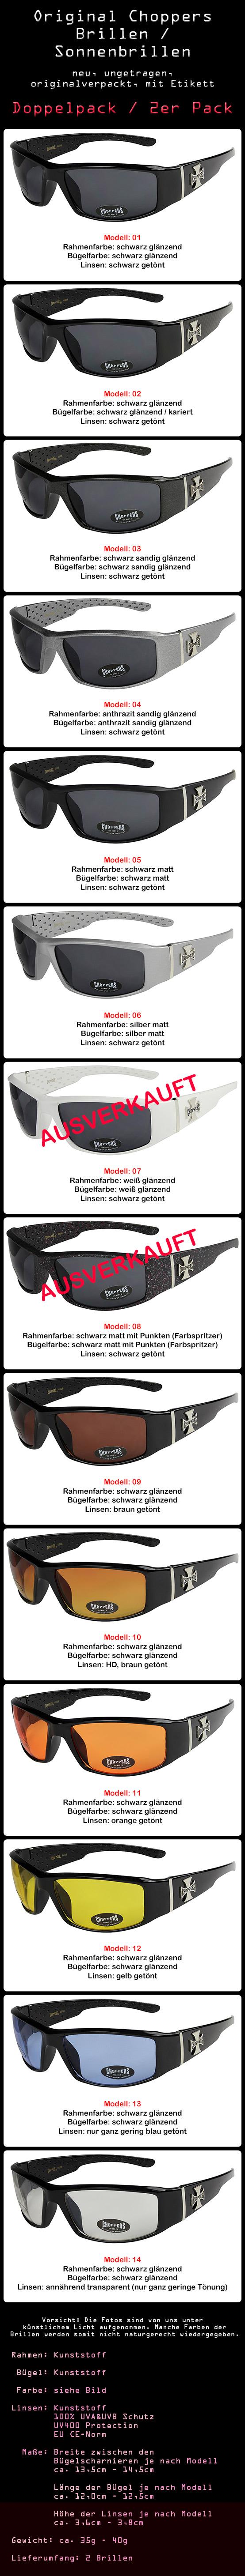 Brillen 2er Pack Choppers 6608 Locs Sonnenbrille gelbe Linsen Herren Damen schwarz weiß